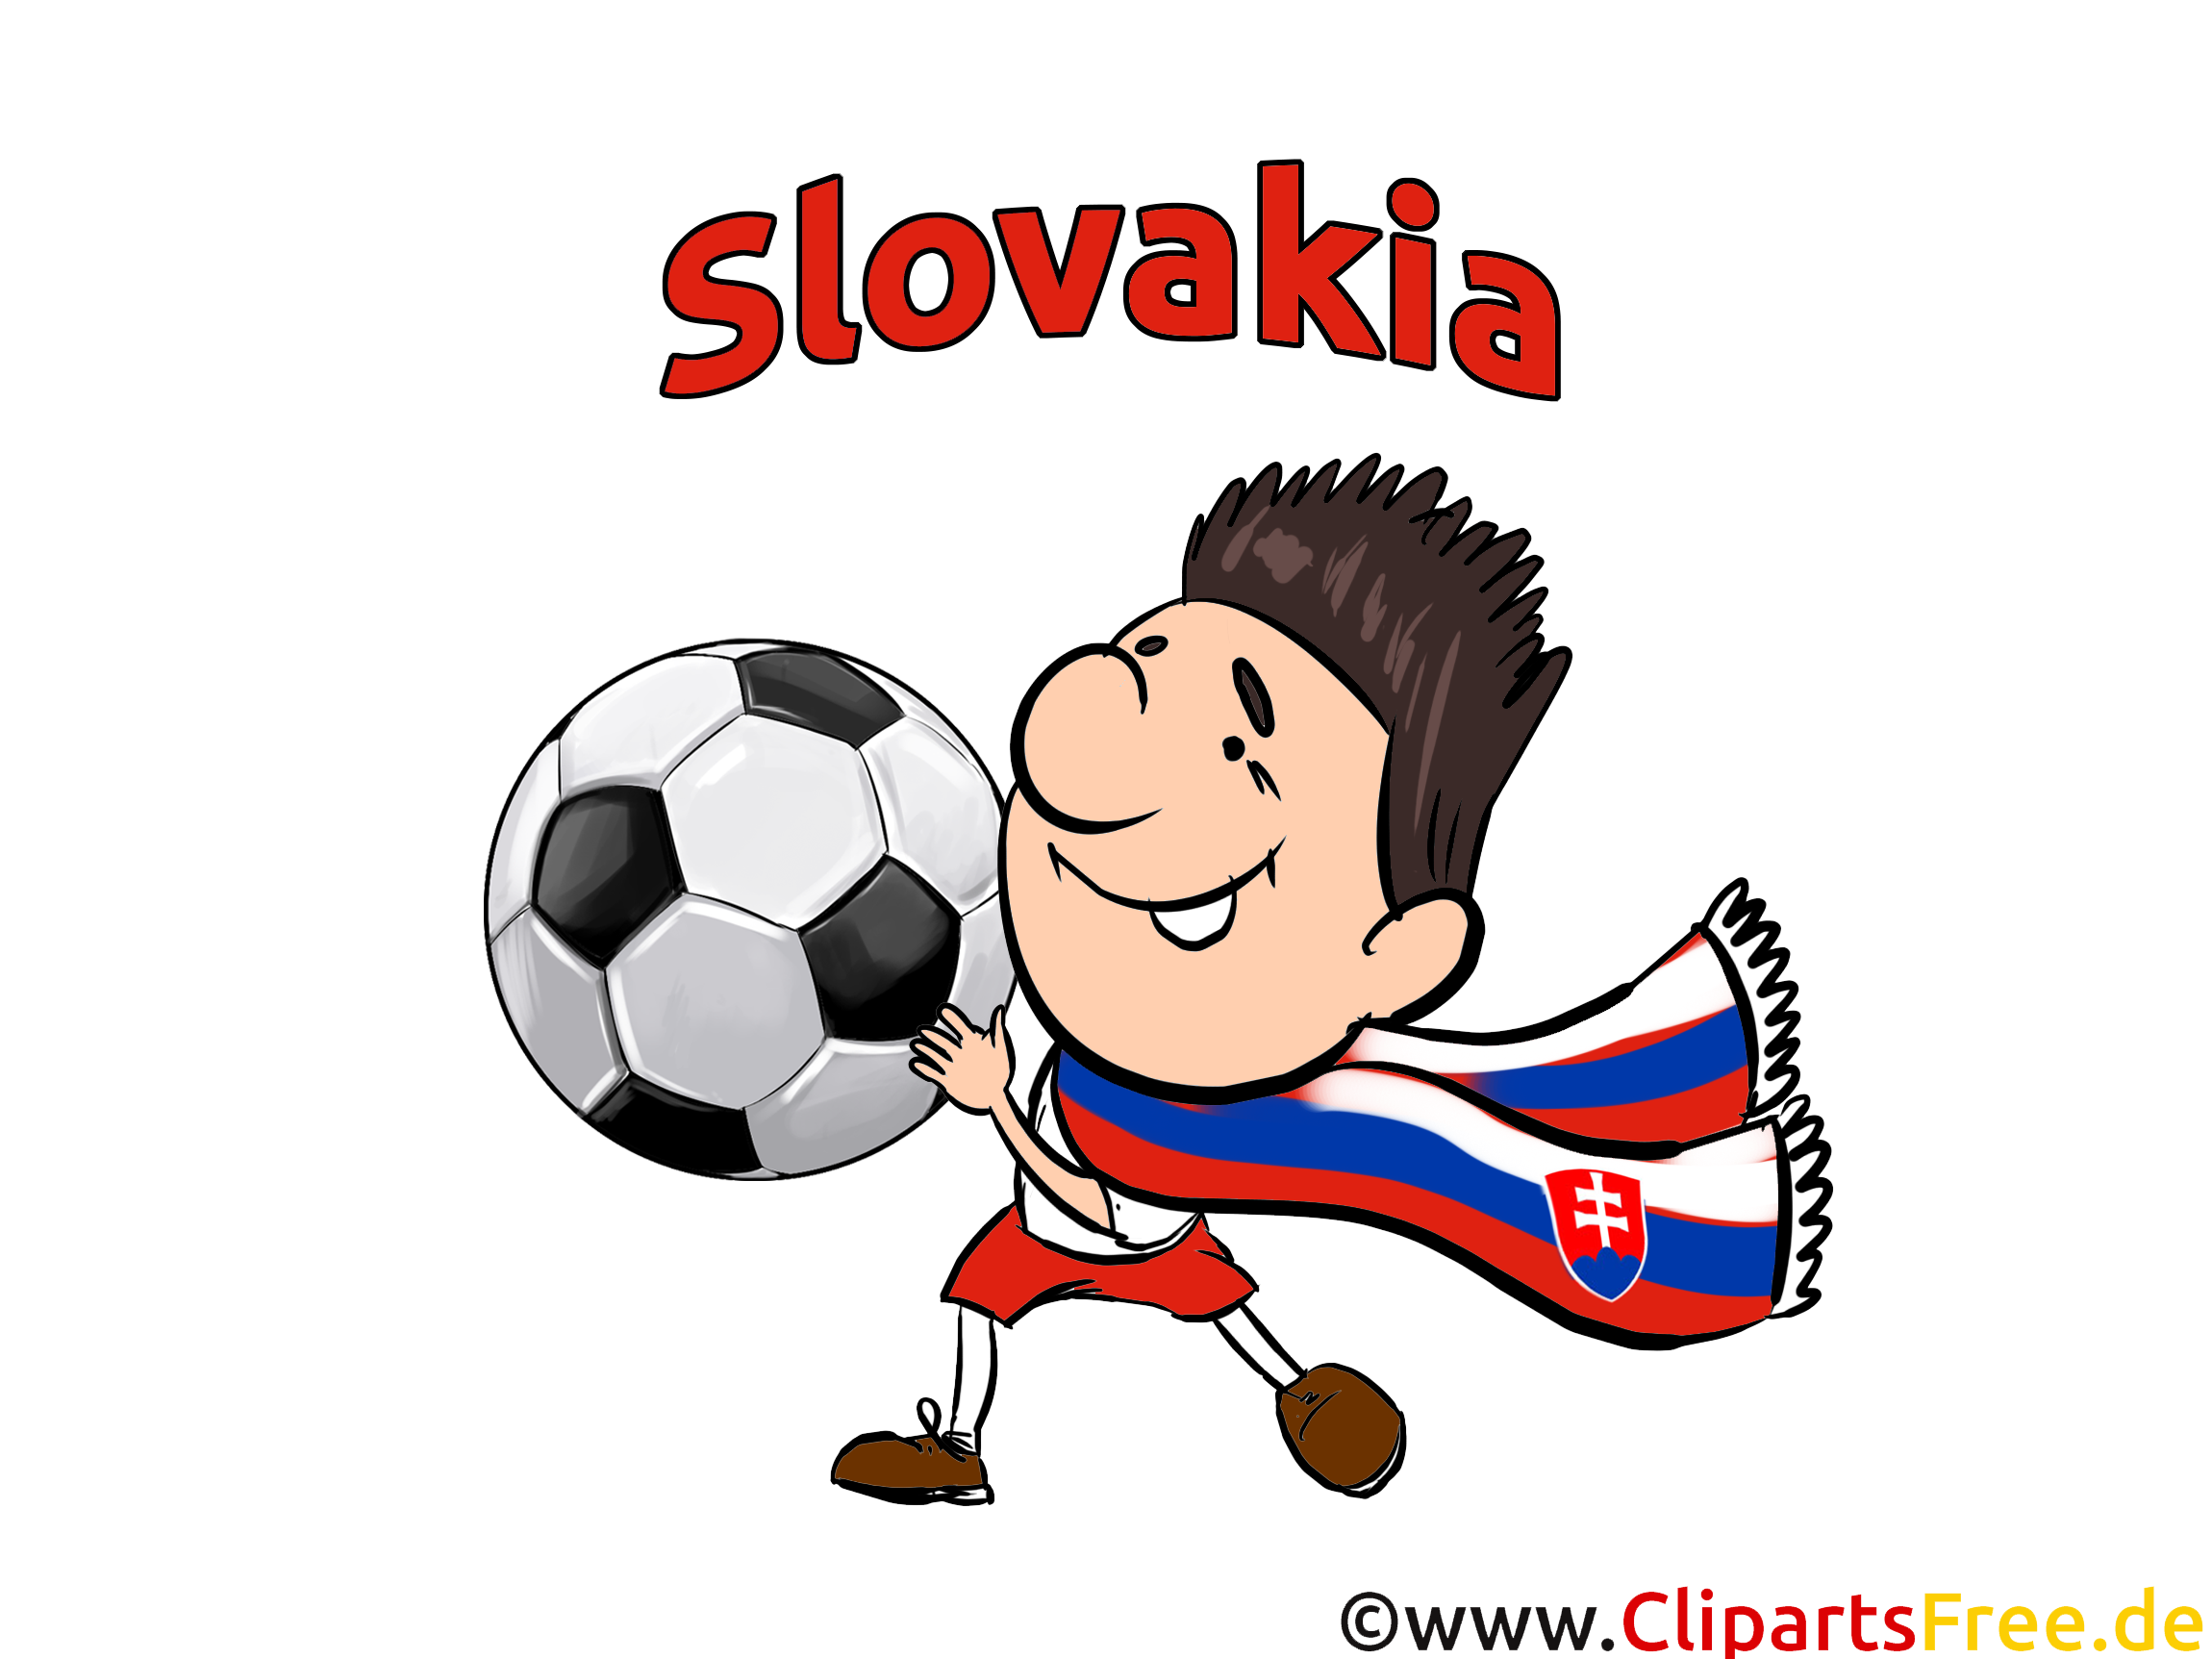 Joueur Slovaquie Football Soccer gratuit Image